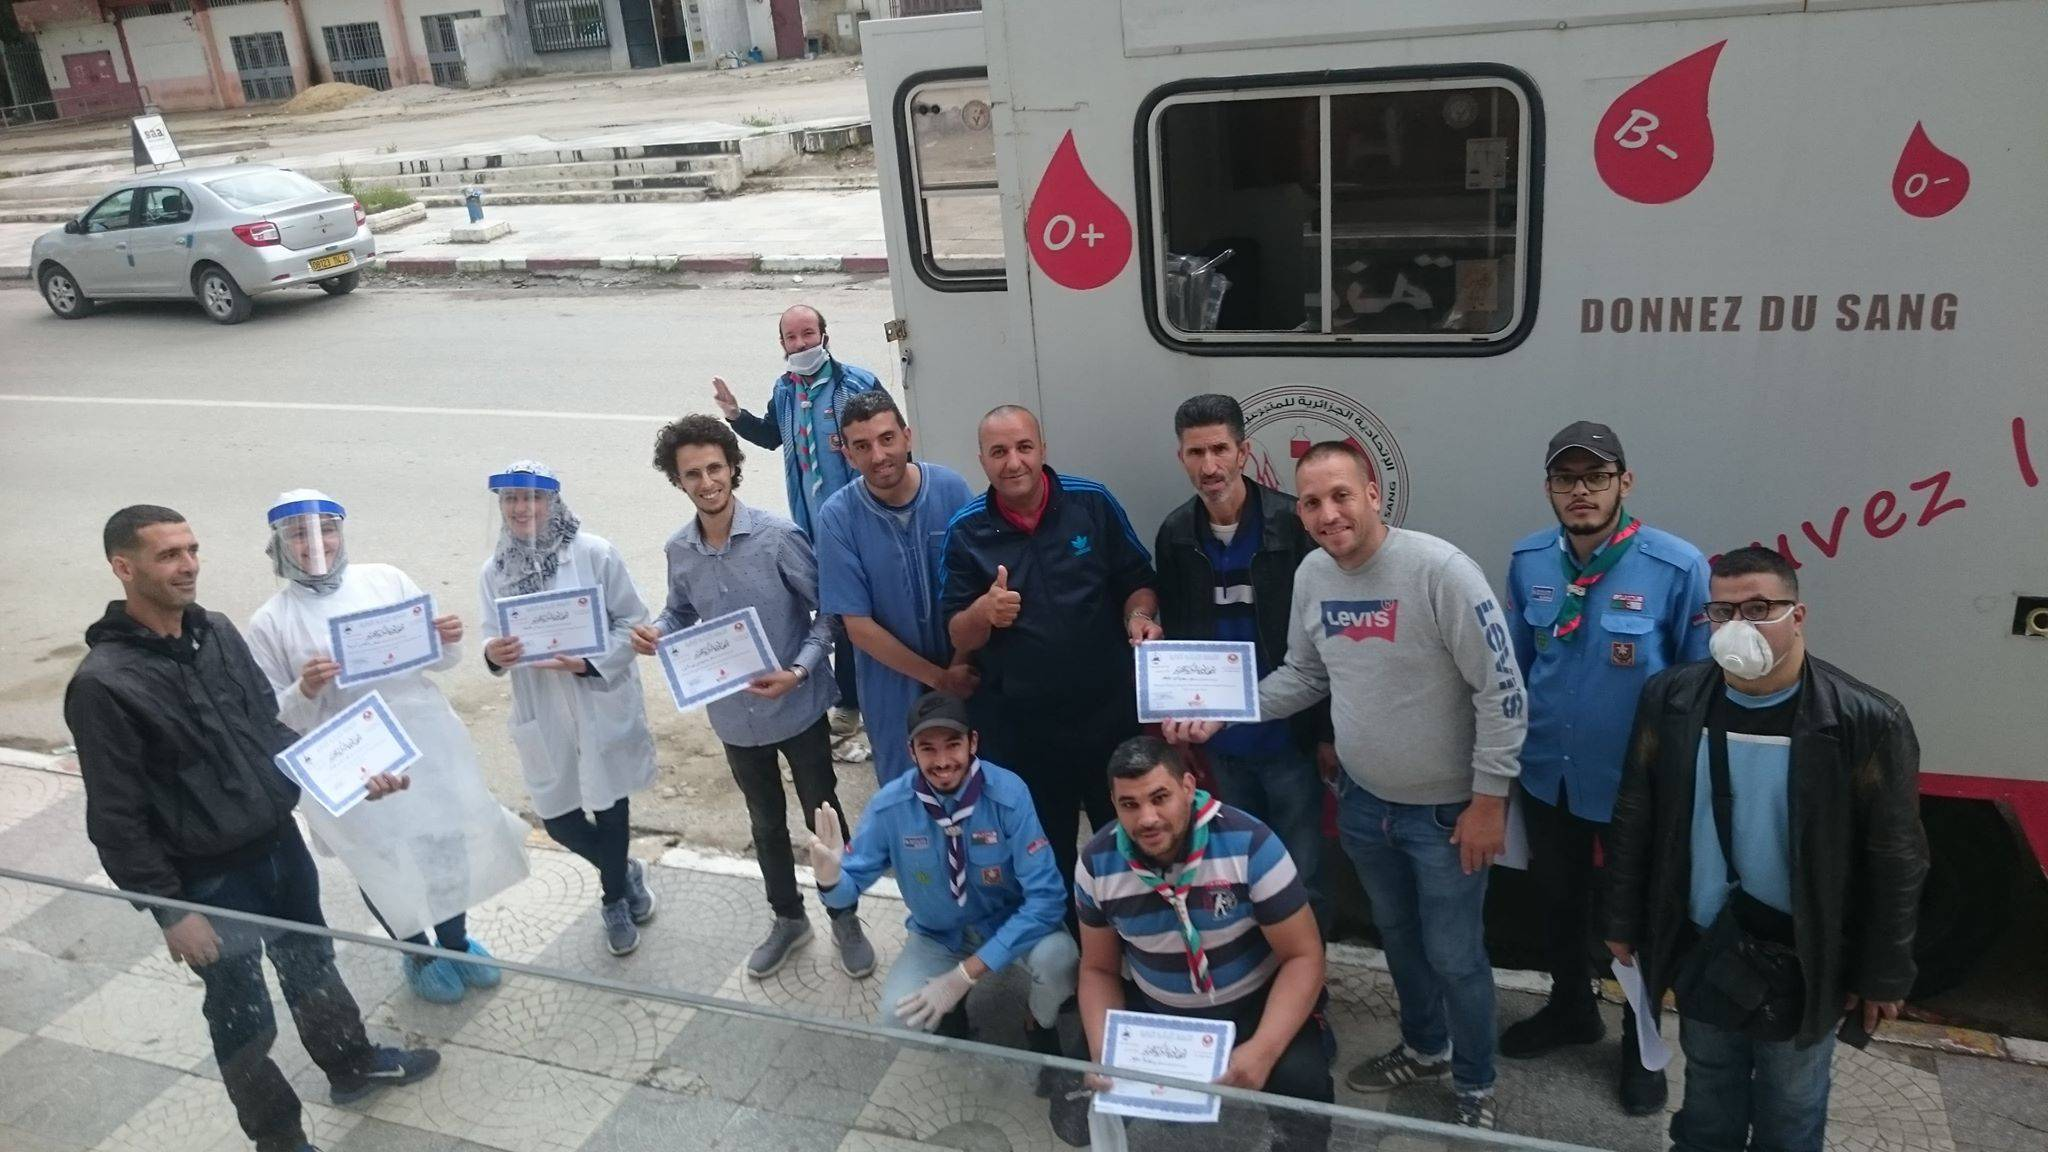 حملة تبرع بالدم بمحطة القطار سابقا -سيدي عمار- - الكشافة الإسلامية الجزائرية - فوج الشهيد عبان رمضان -